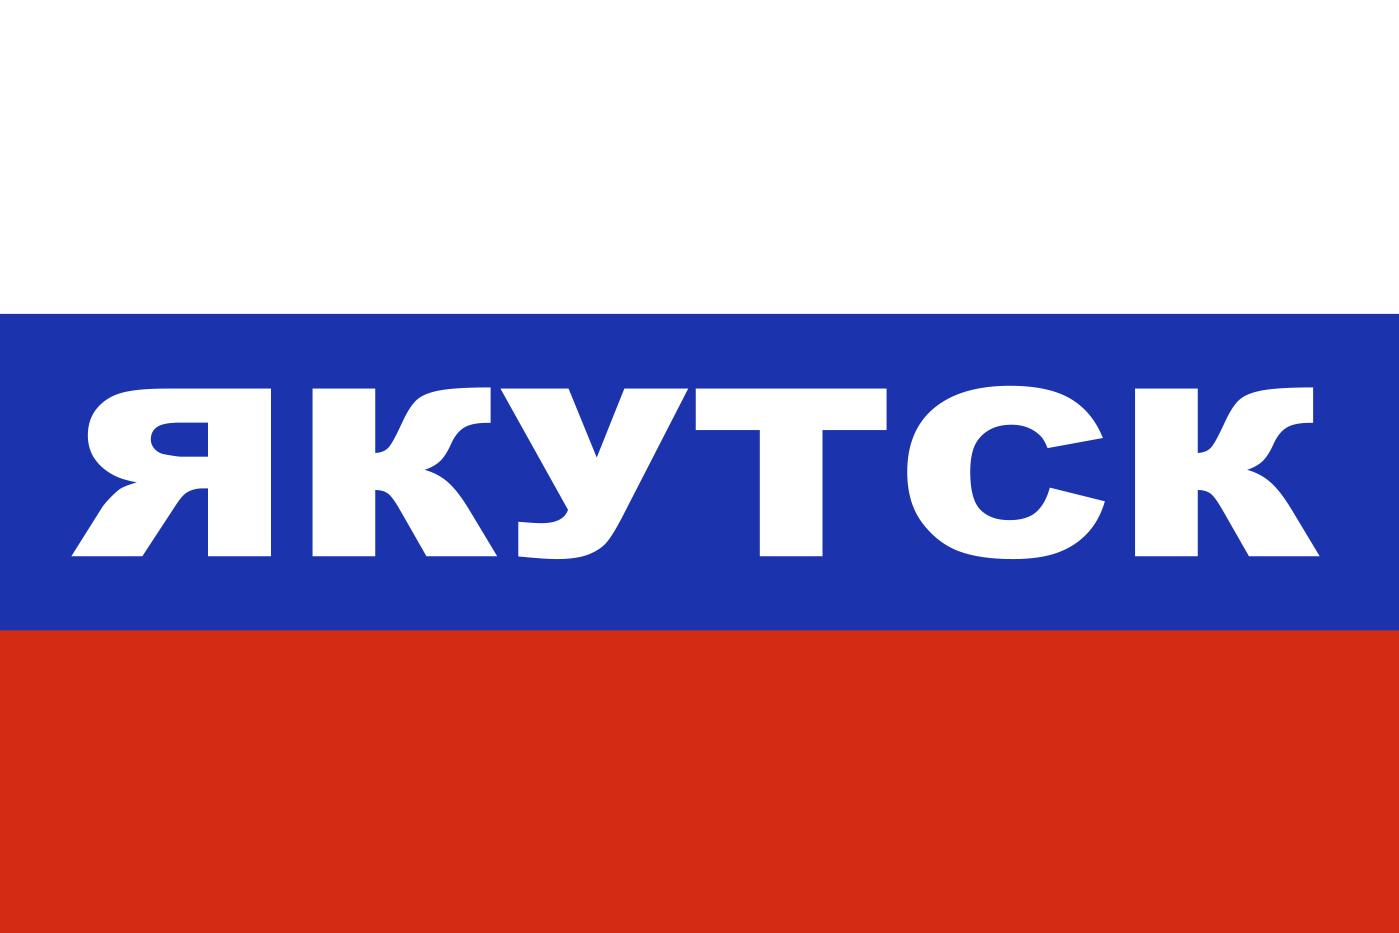 Флаг триколор Якутск